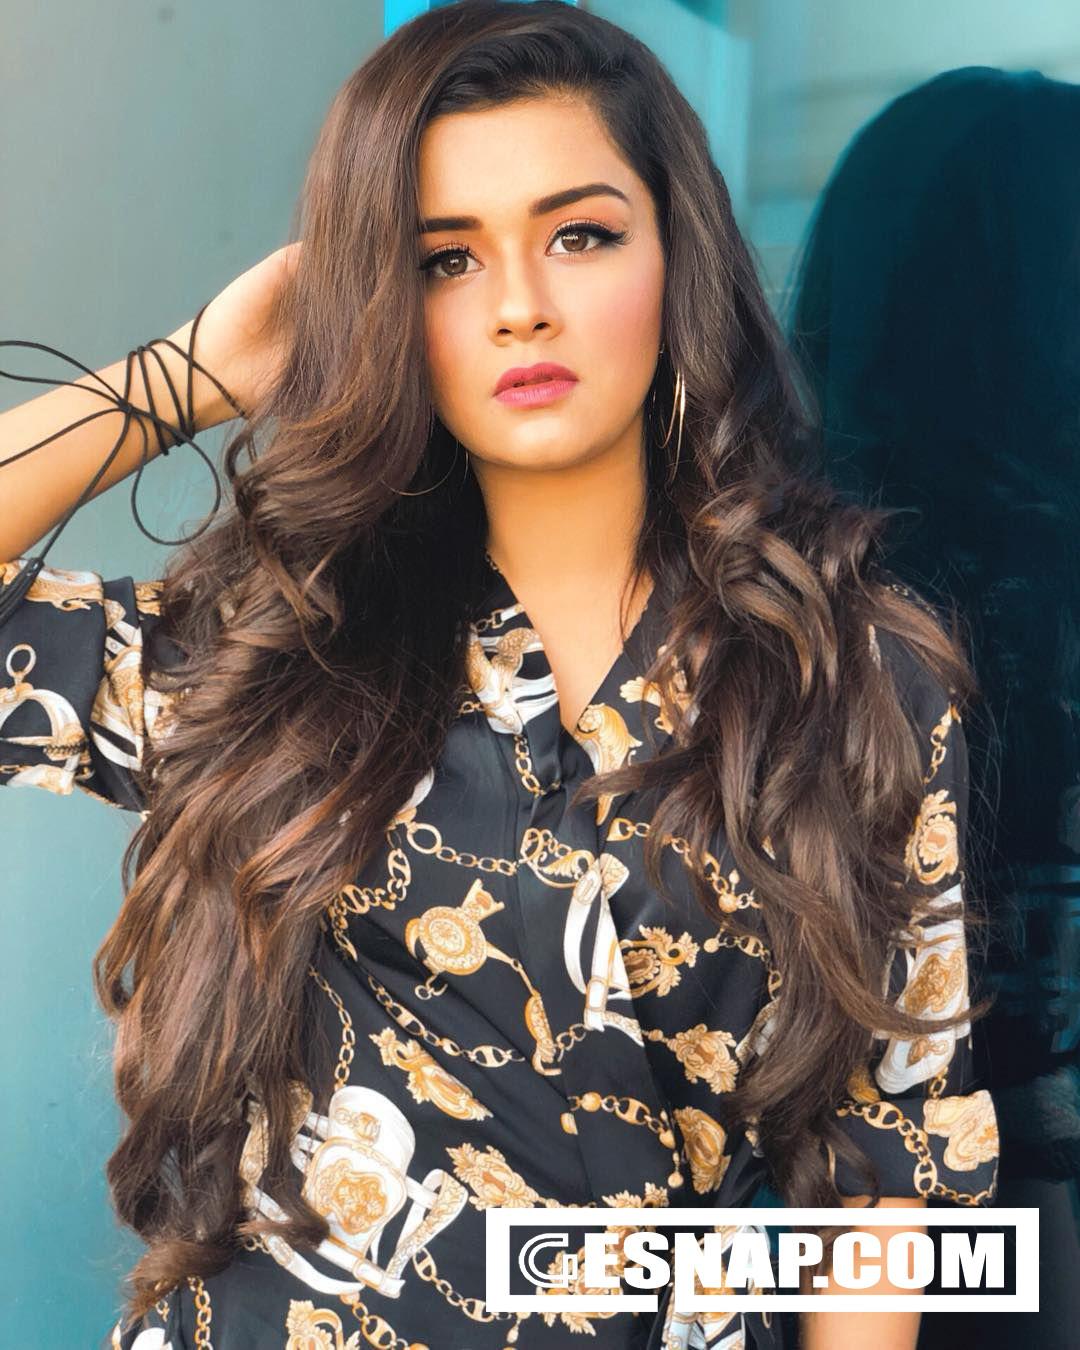 Avneet Kaur Photo | Gesnap.com